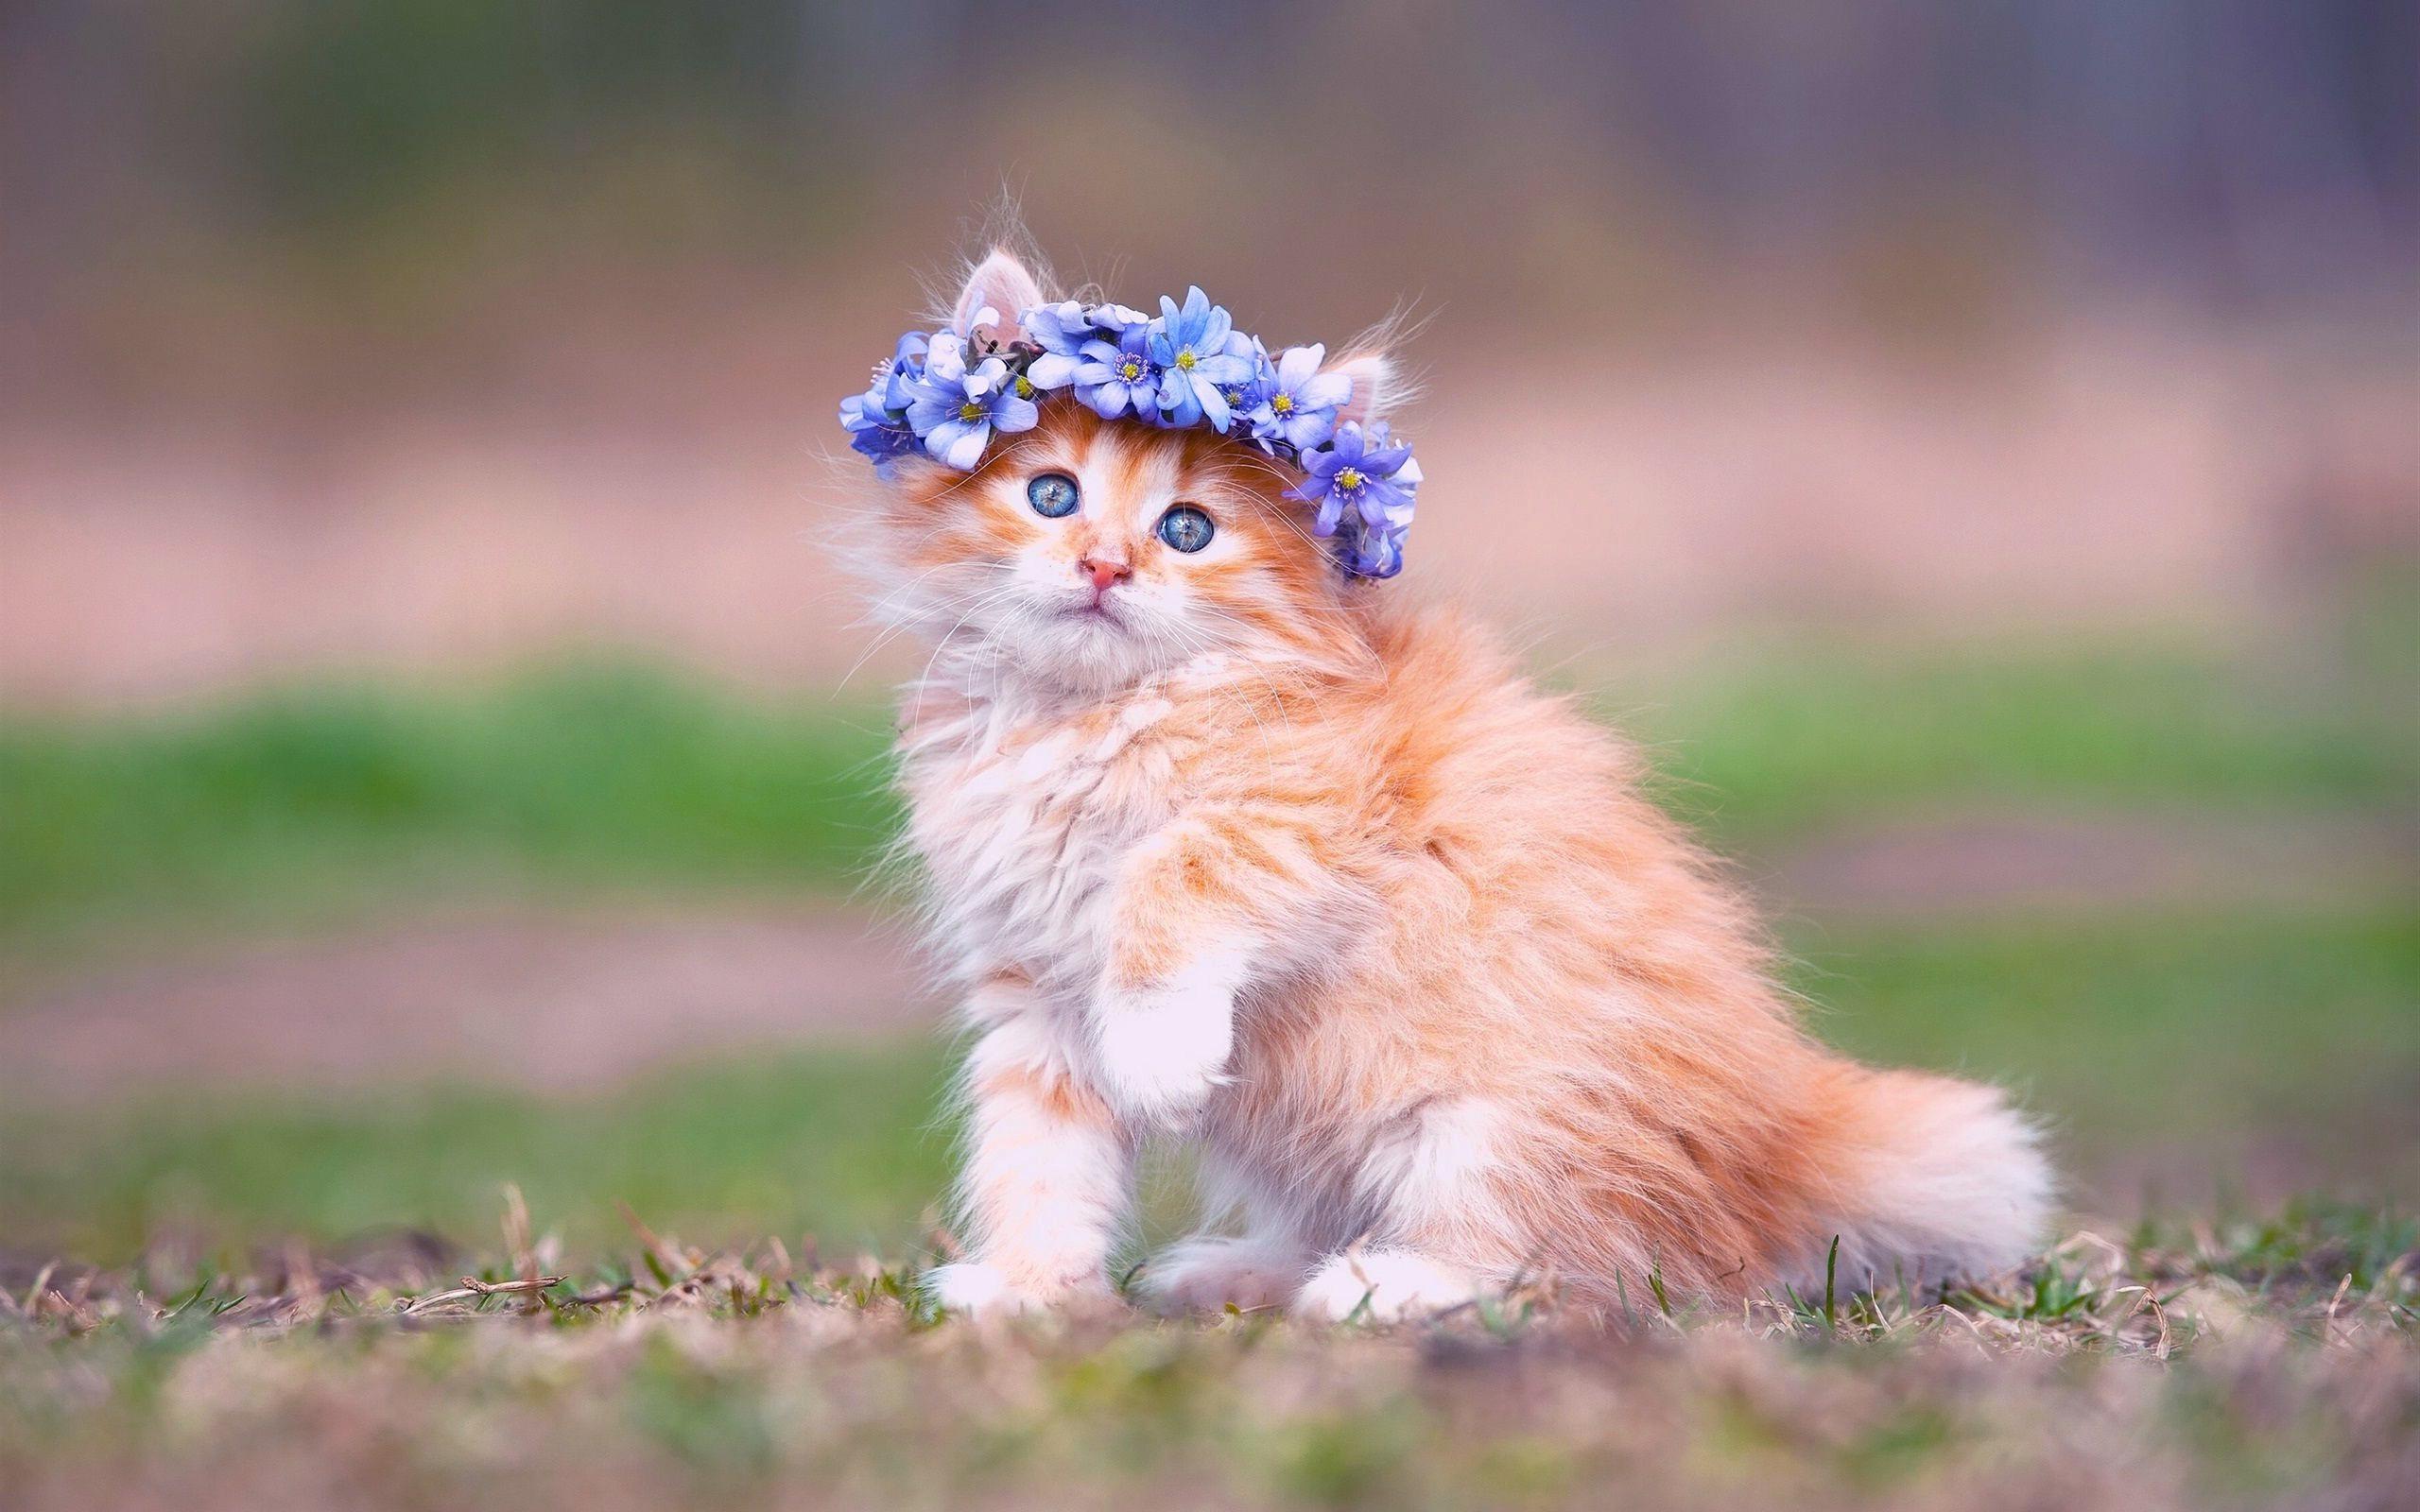 cat with sombrero